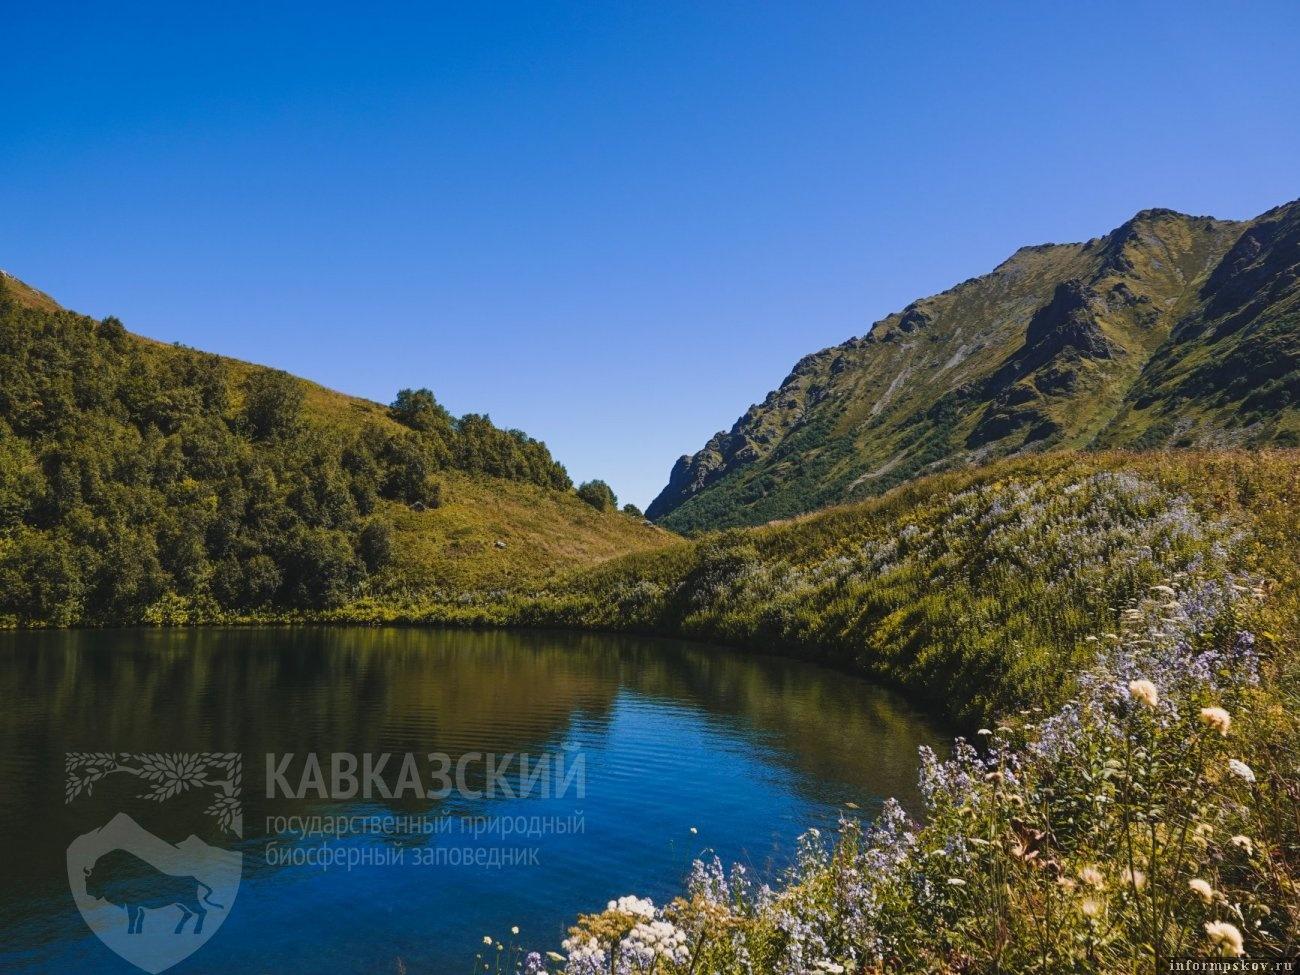 Ранее водоем выглядел так. Фото: Кавказский государственный природный биосферный заповедник имени Х.Г.Шапошникова.